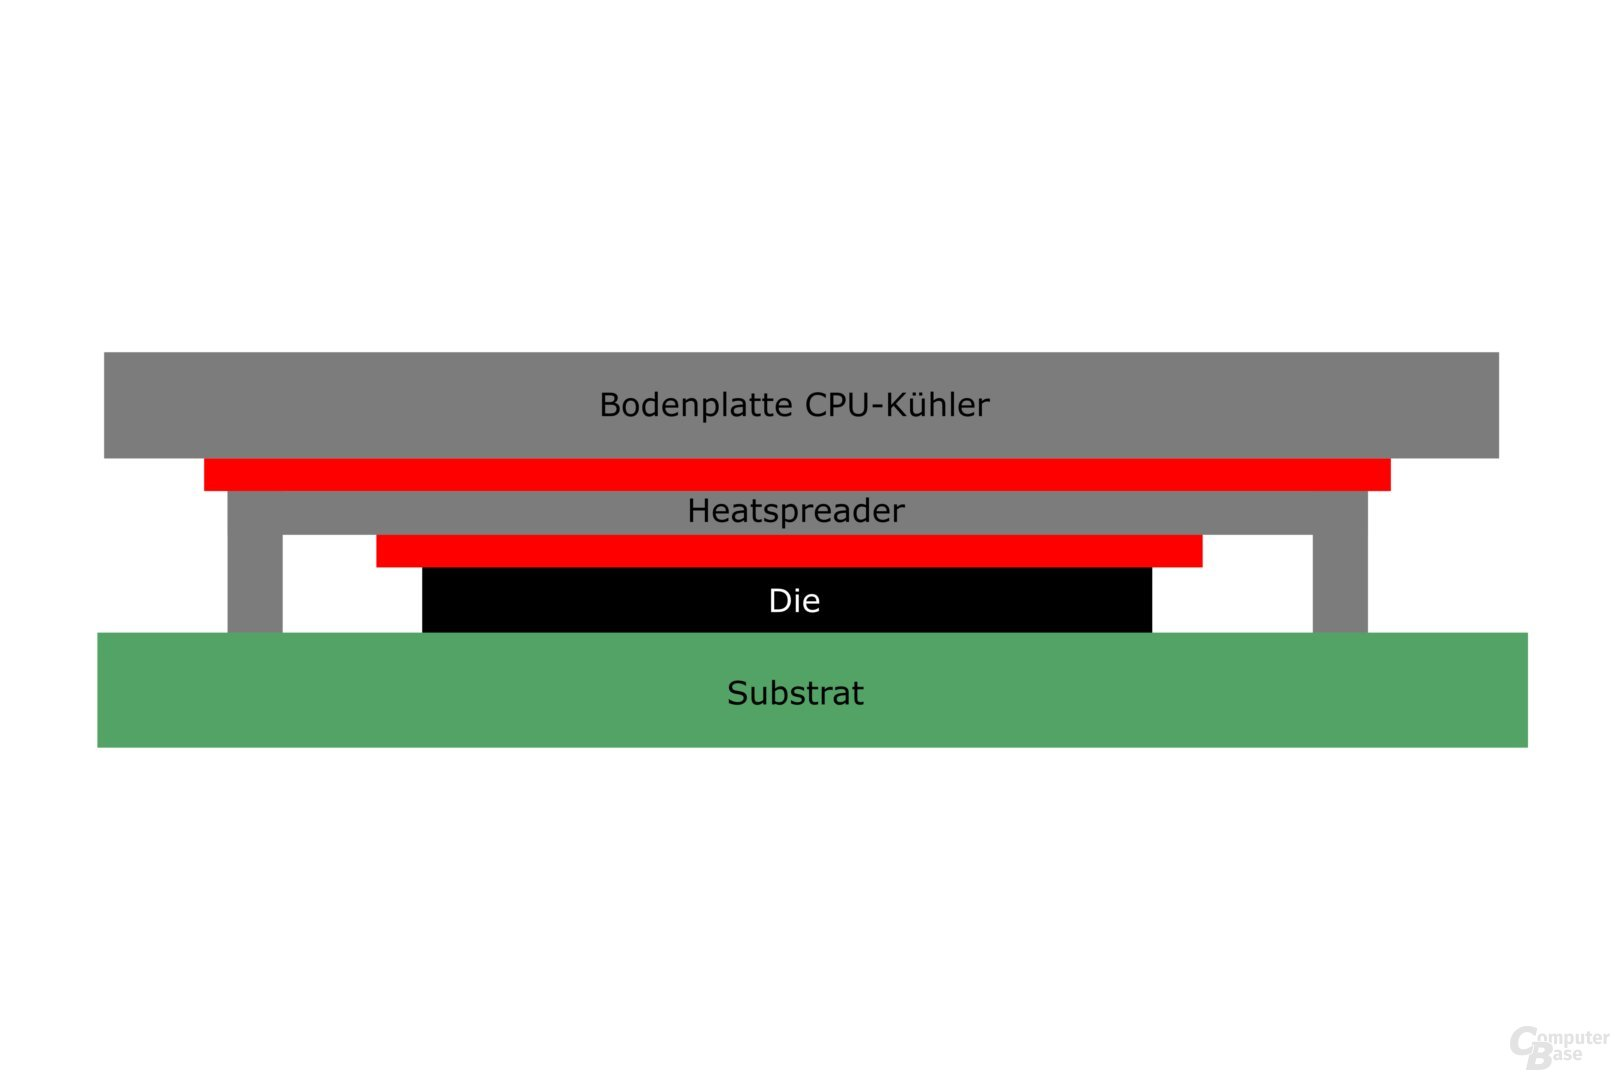 Wärmeübergänge zwischen CPU und Kühler: Wärmeleitmittel als Verbindungen sind in Rot eingezeichnet